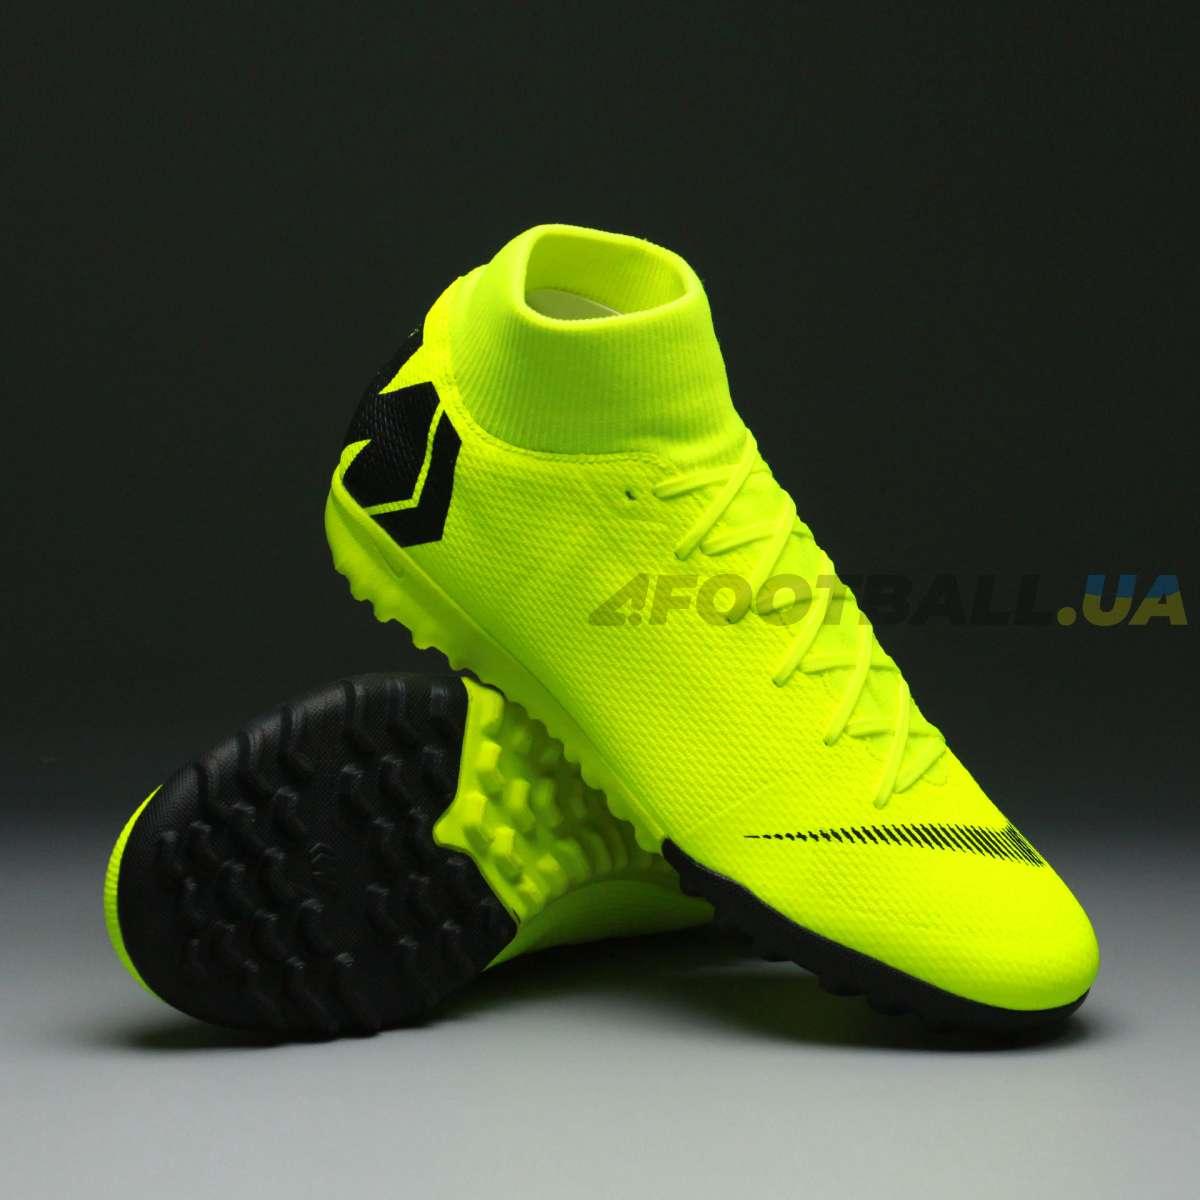 6c39faac Бутсы Nike Mercurial Superfly — купить футбольные бутсы Найк ...